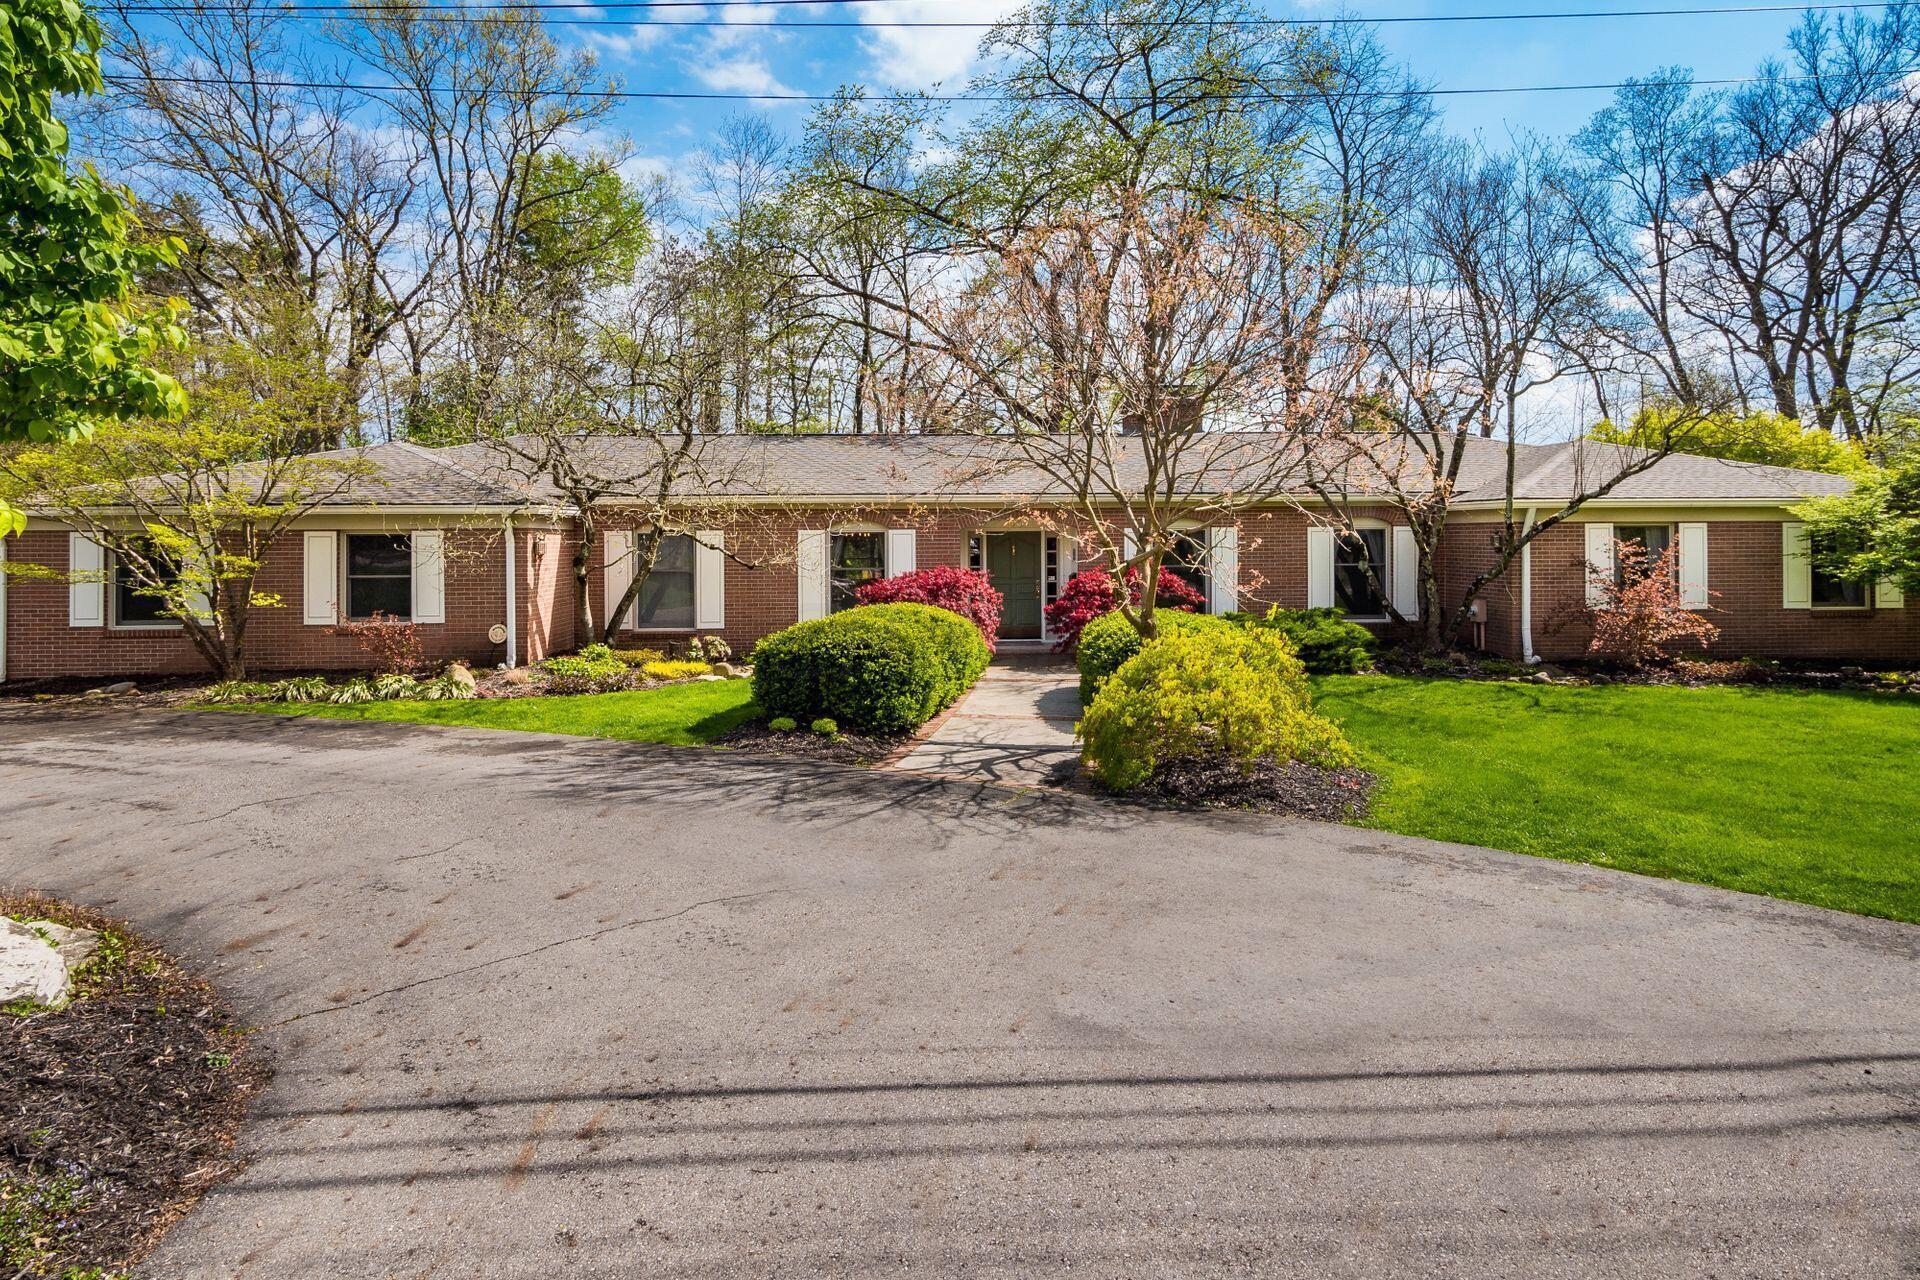 Photo of 365 Medick Way, Worthington, OH 43085